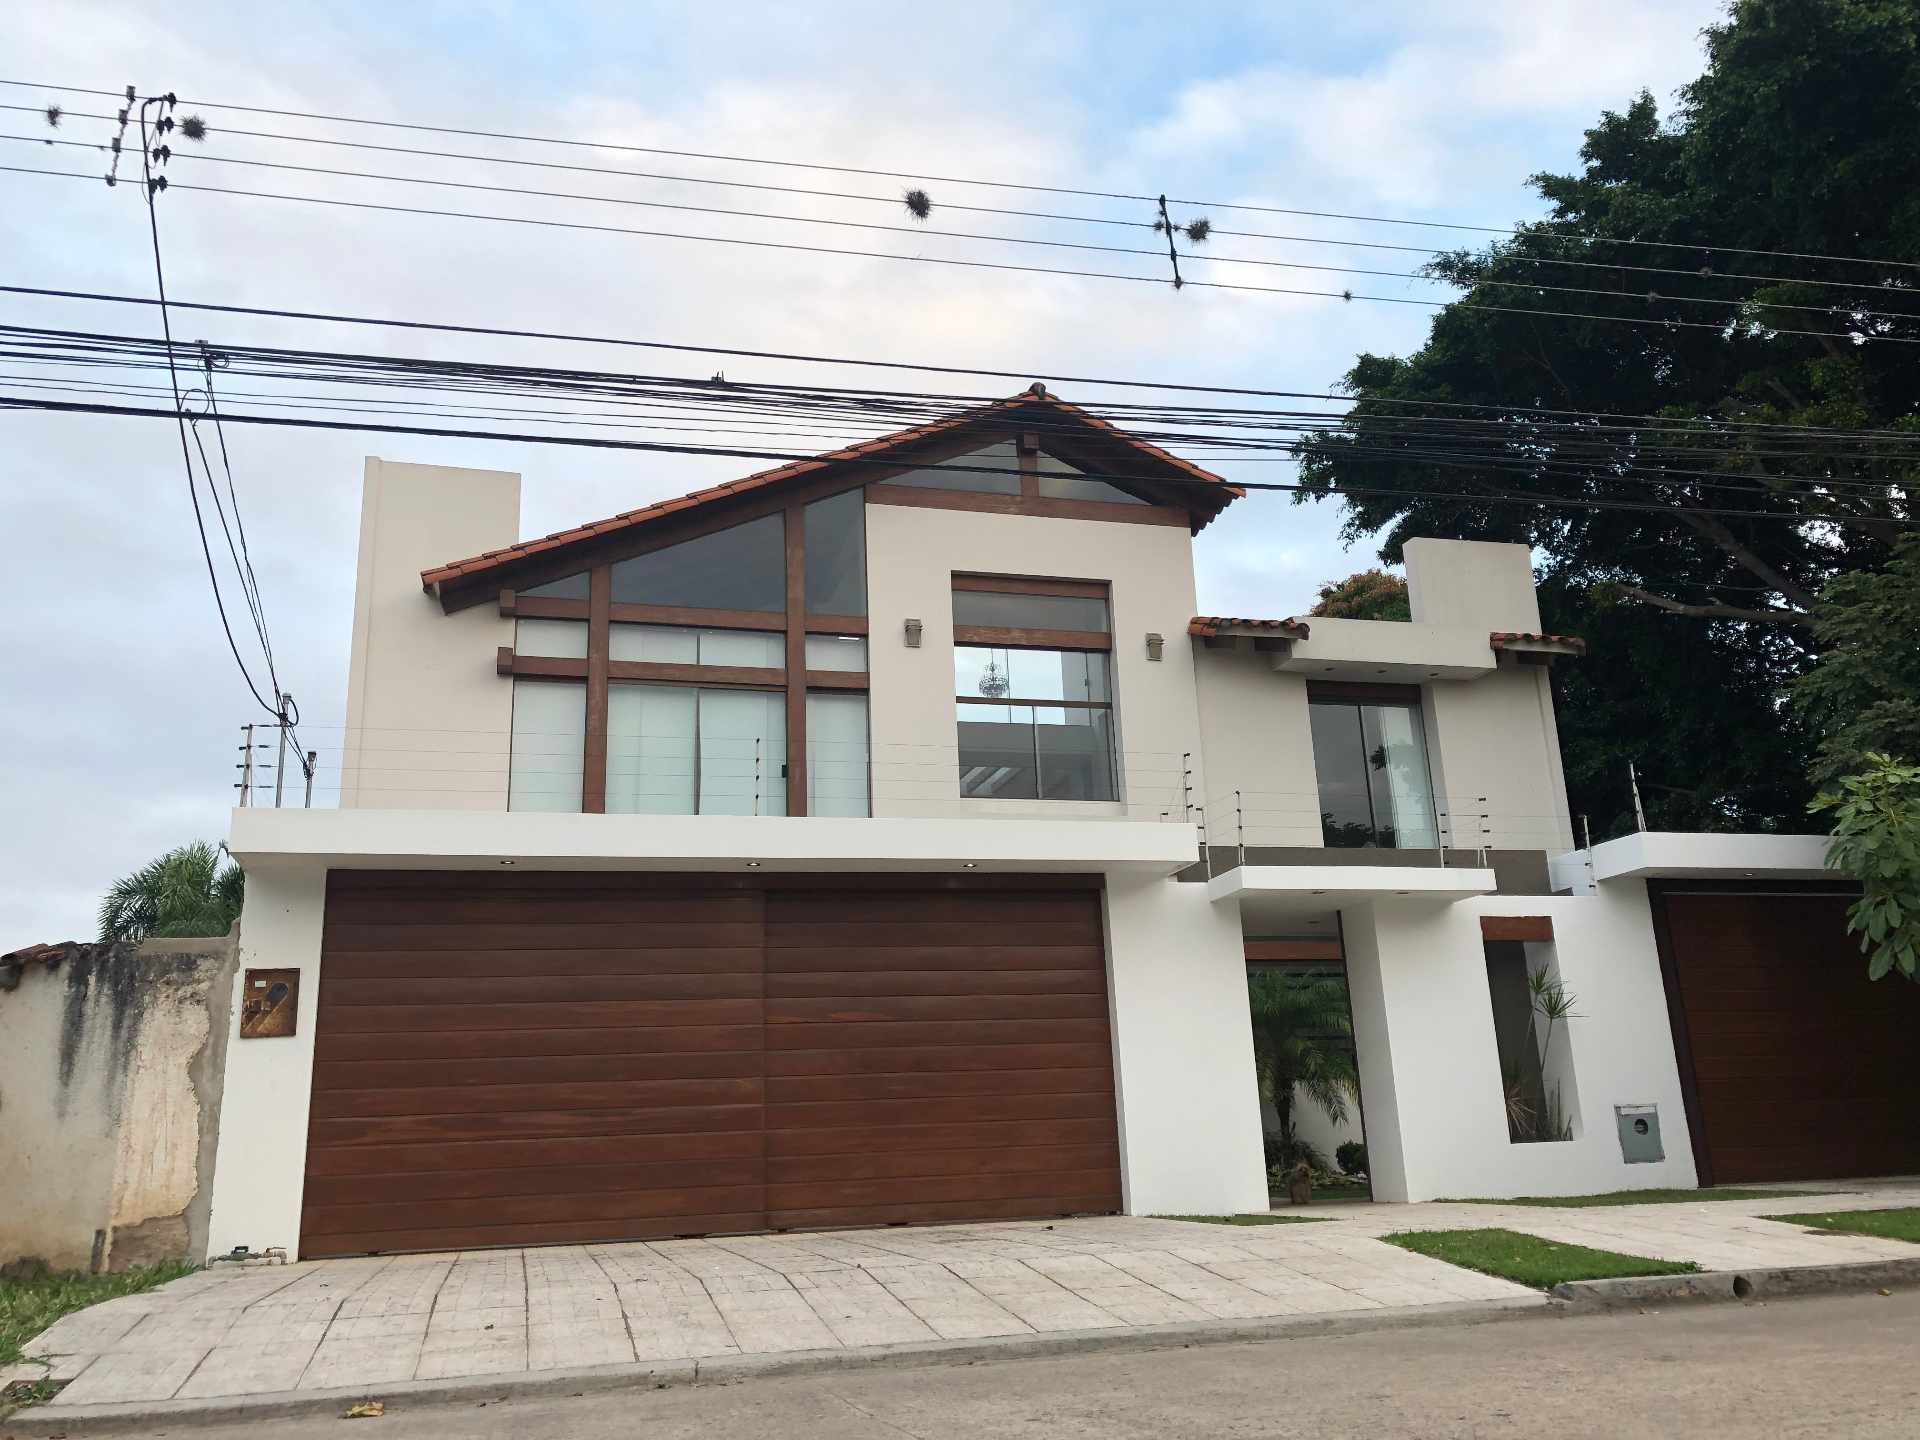 Casa en Venta CASA EN VENTA ZONA AV. SAN AURELIO Y BARRANCA Foto 14